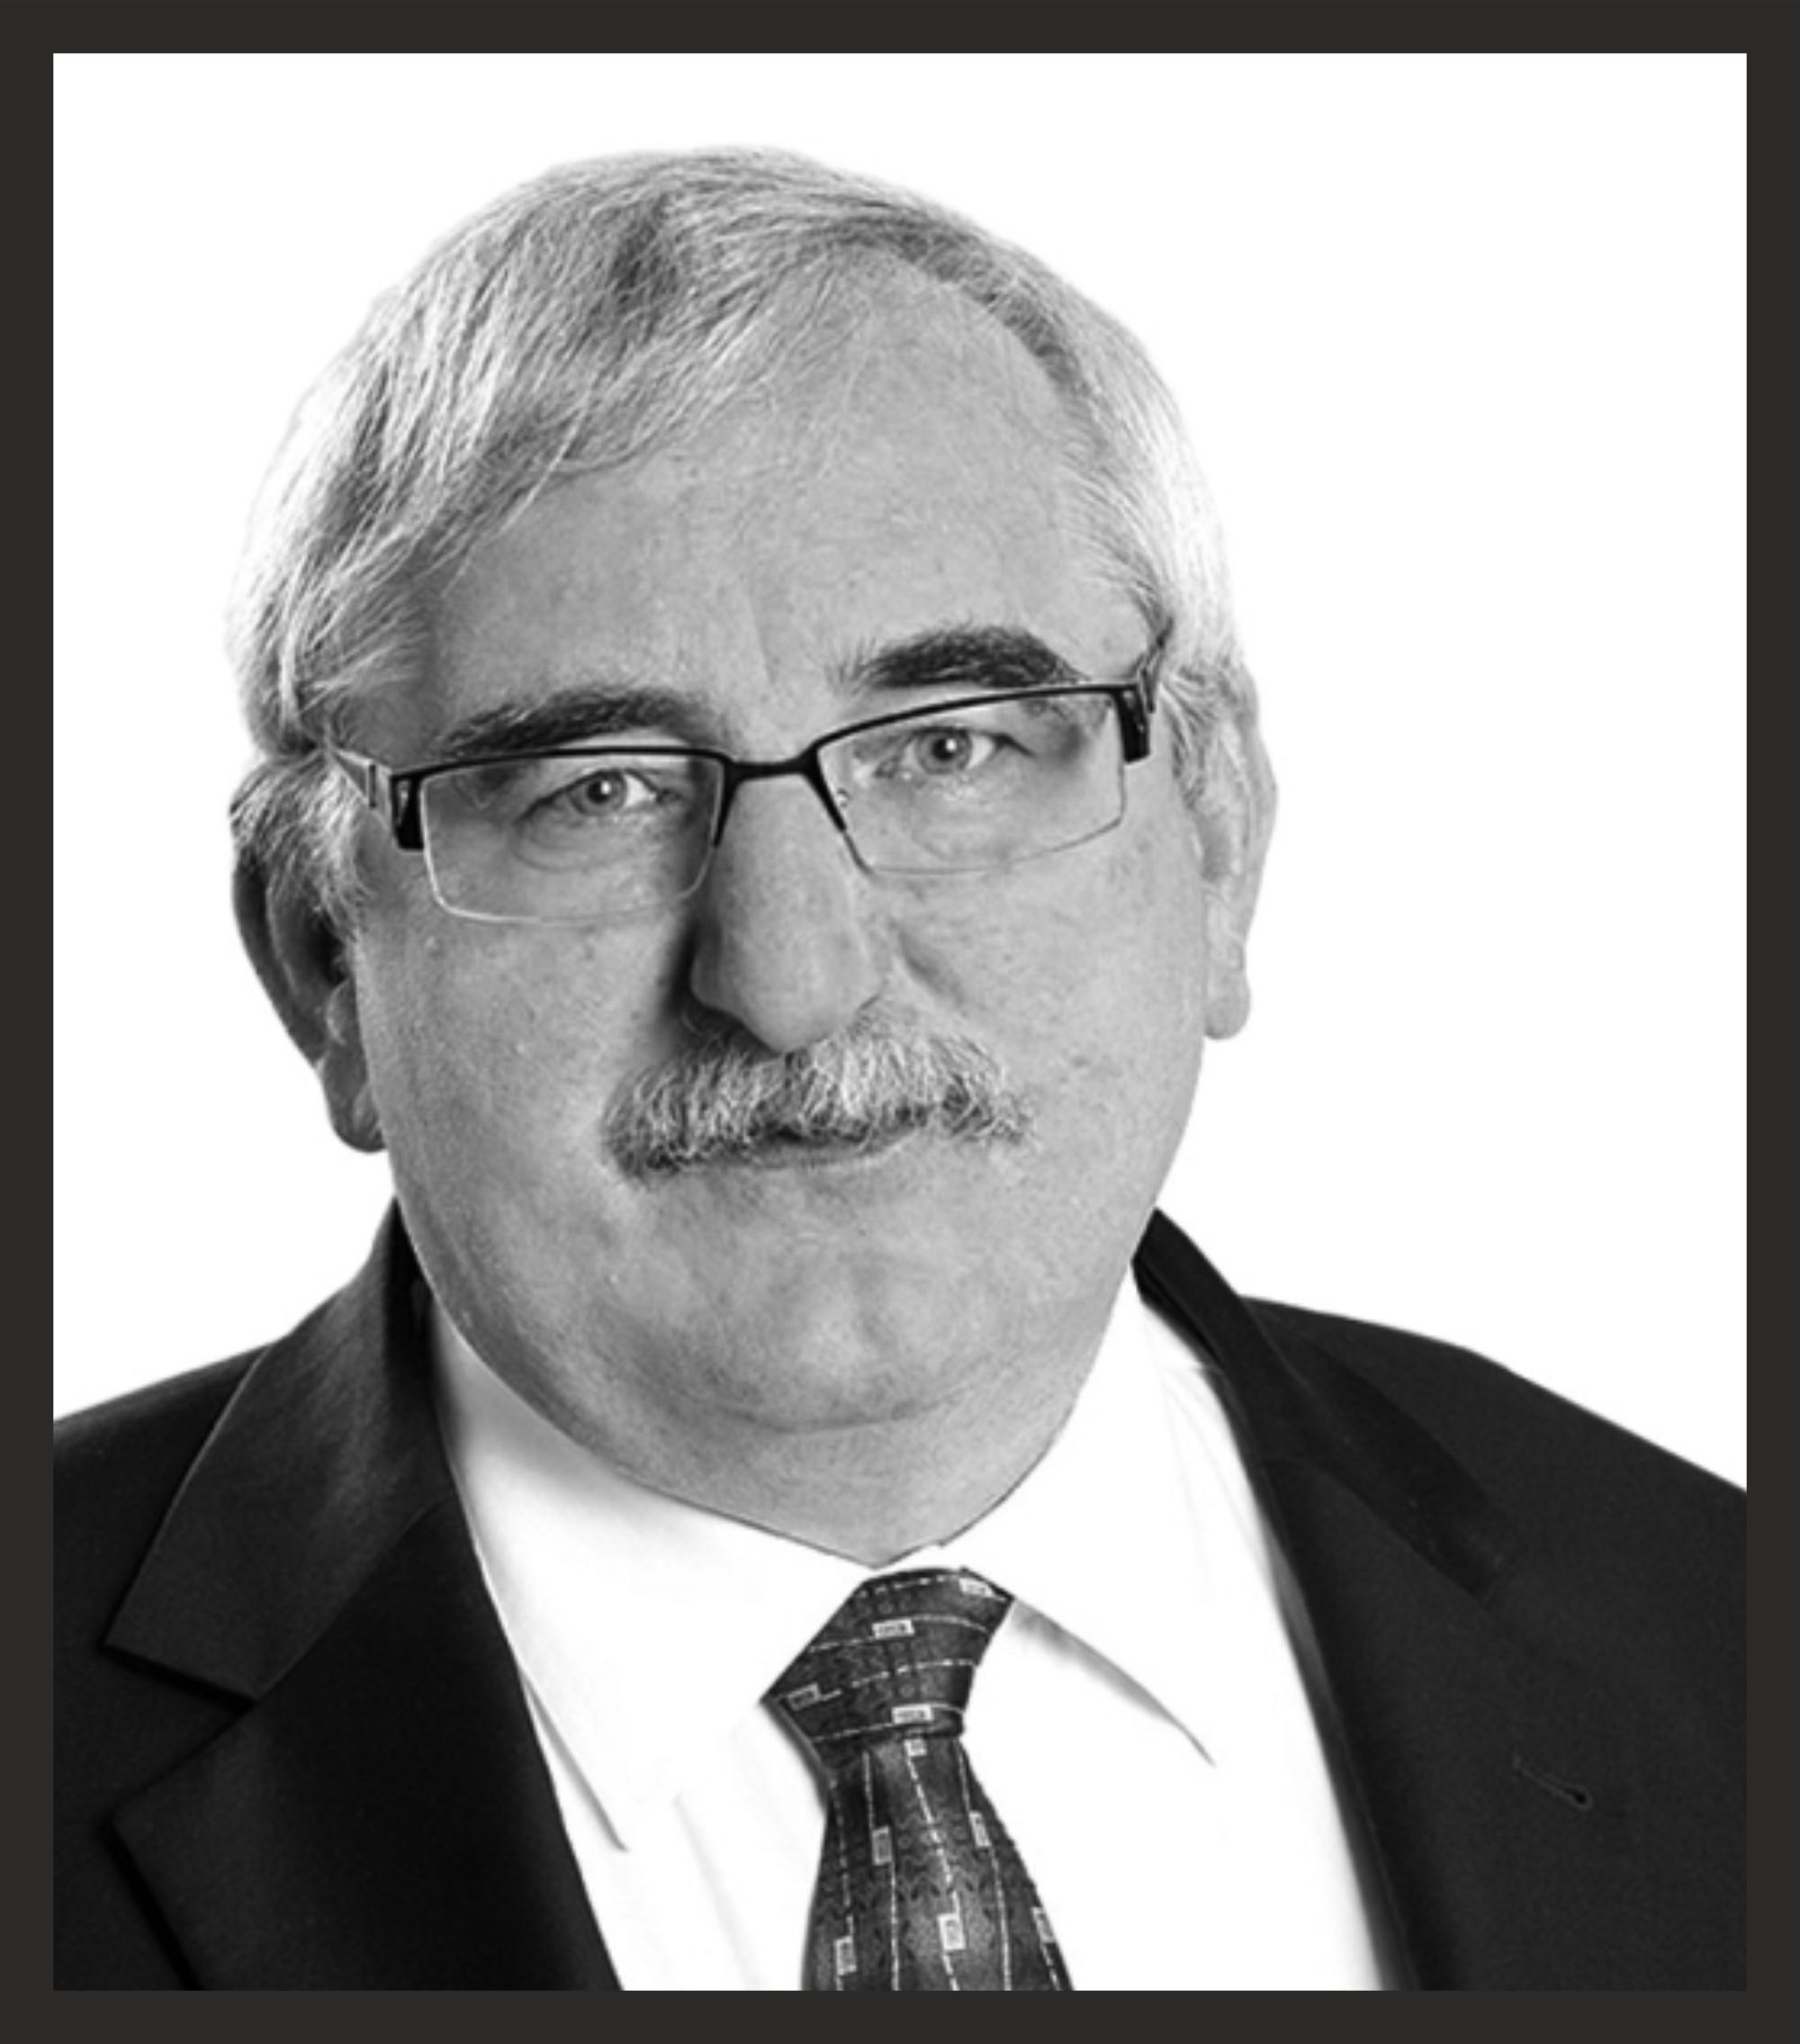 Grzegorz Szalewski (1956-2017)